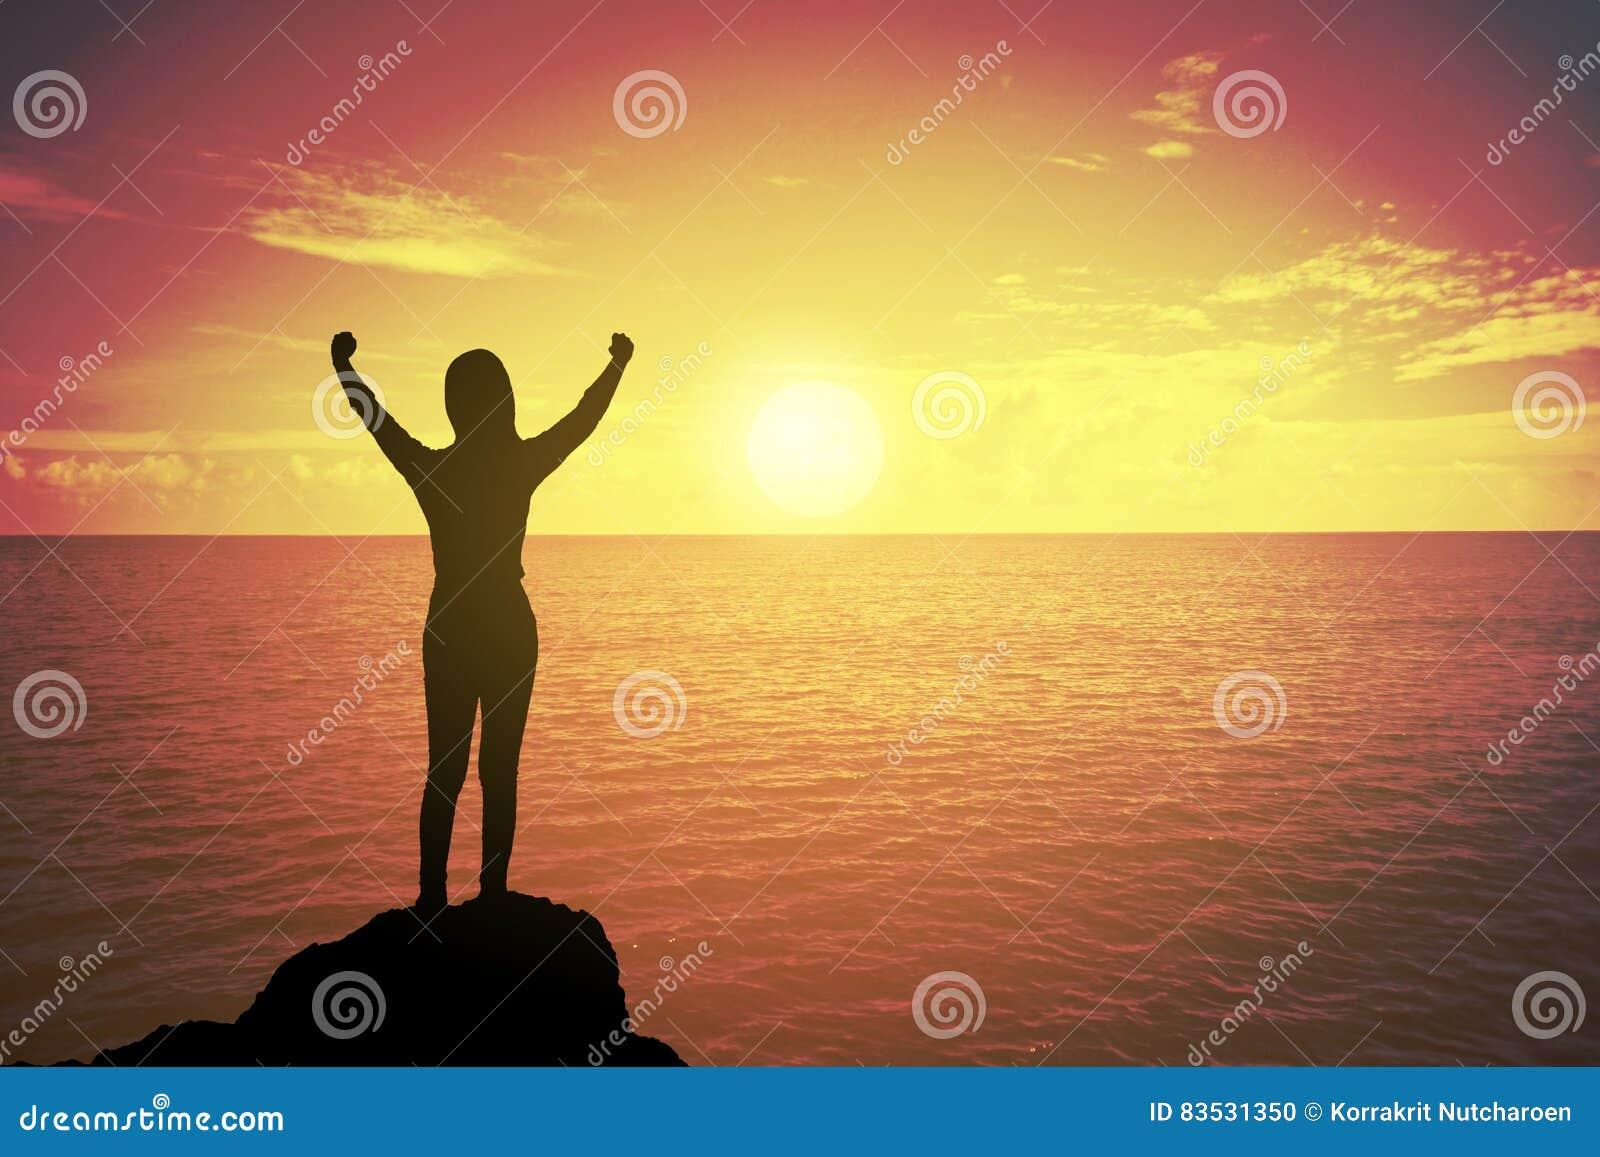 Sylwetka wygrana sukces kobieta przy zmierzchem, wschodem słońca lub